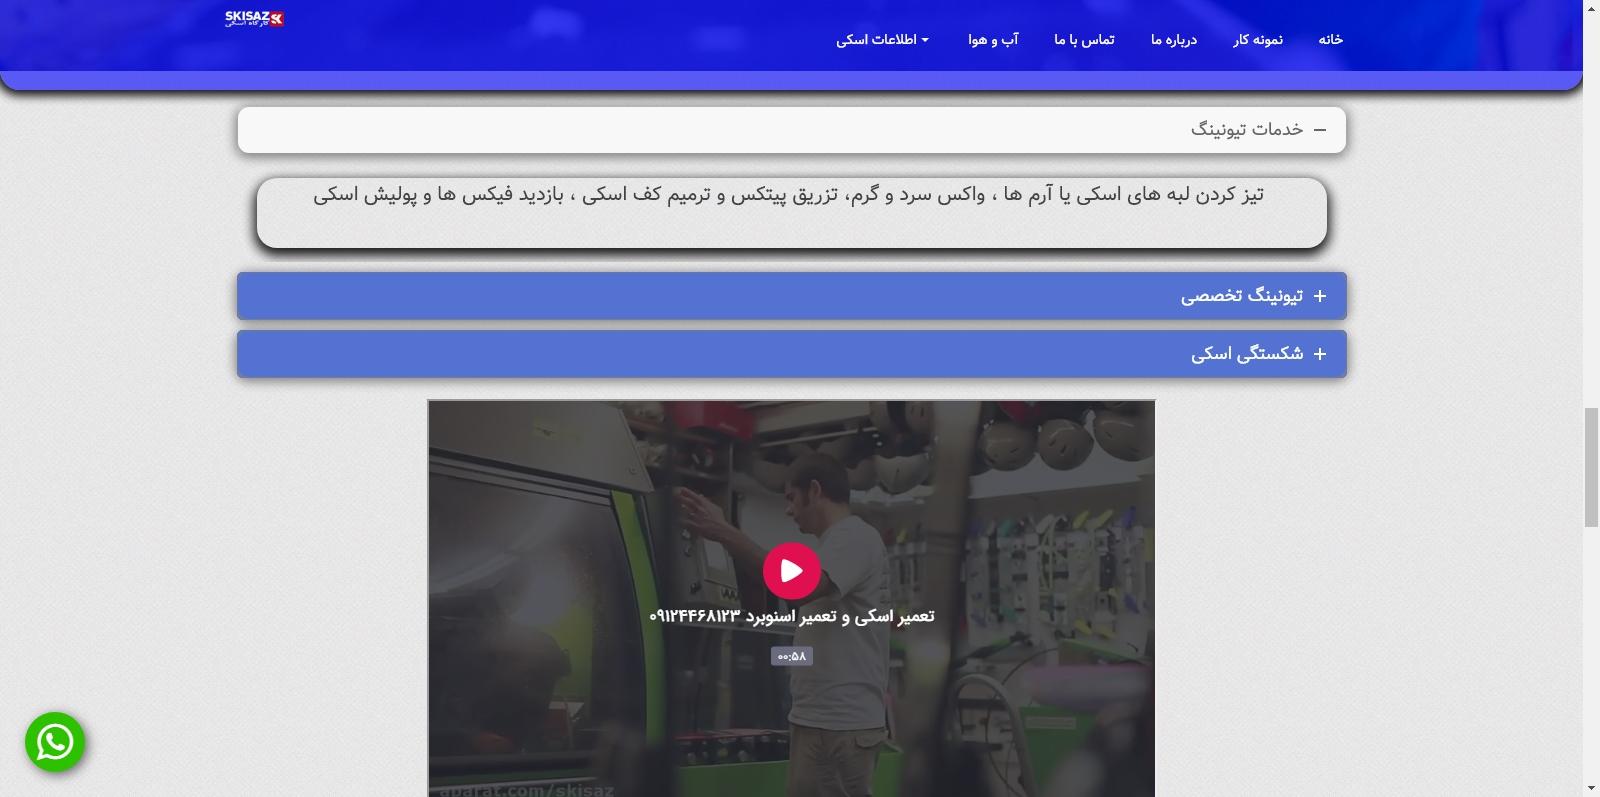 screenshot 20200525 215730 - skisaz.ir